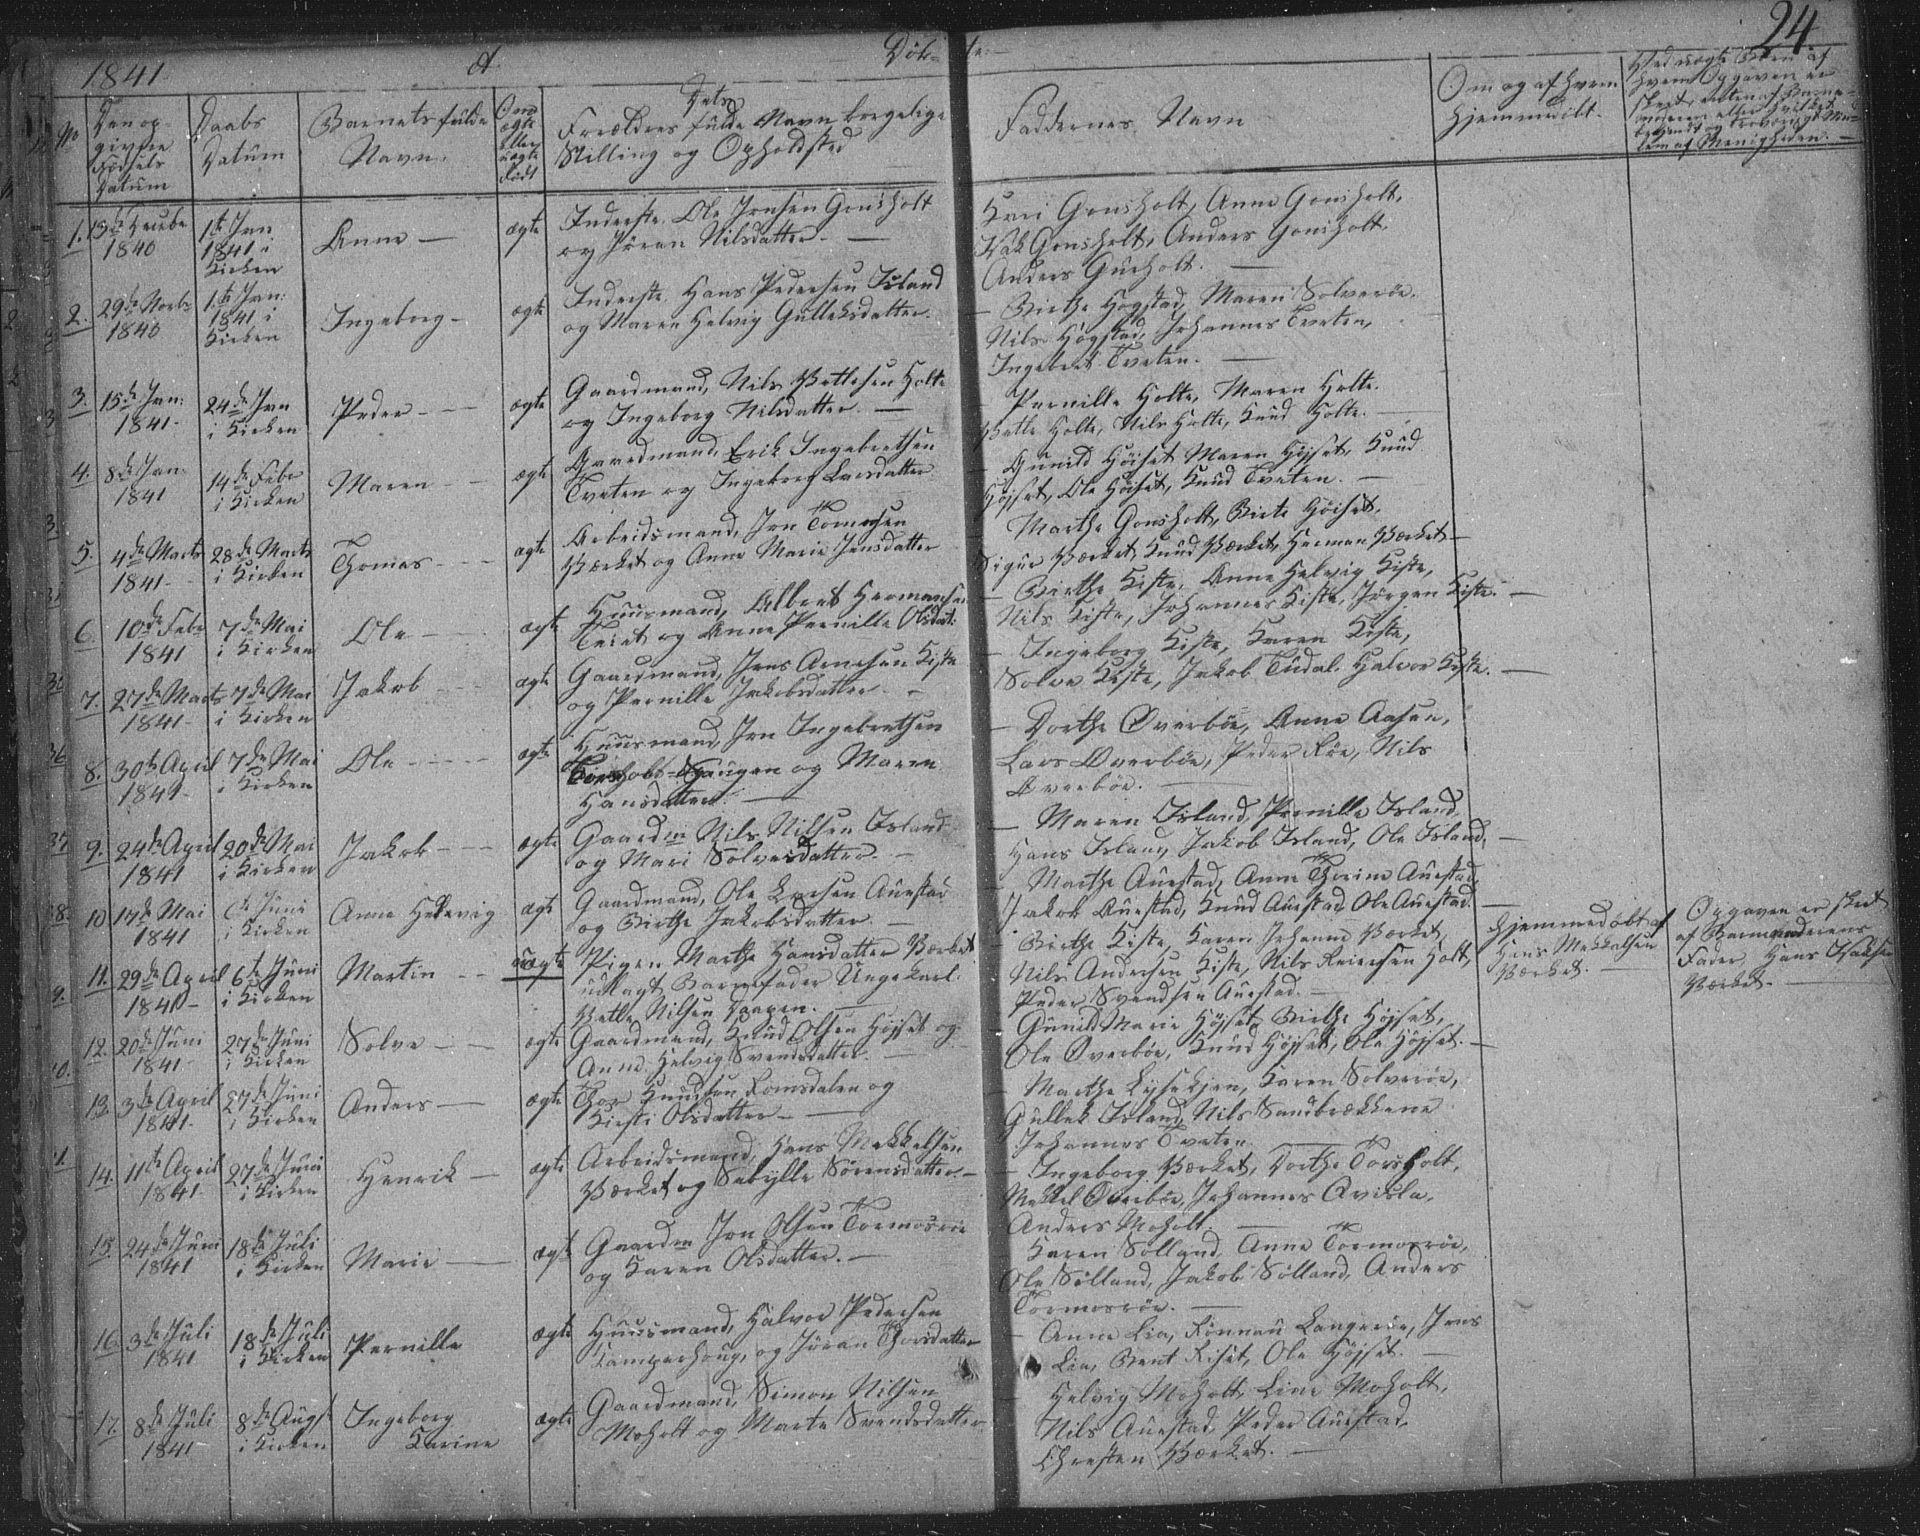 SAKO, Siljan kirkebøker, F/Fa/L0001: Ministerialbok nr. 1, 1831-1870, s. 24